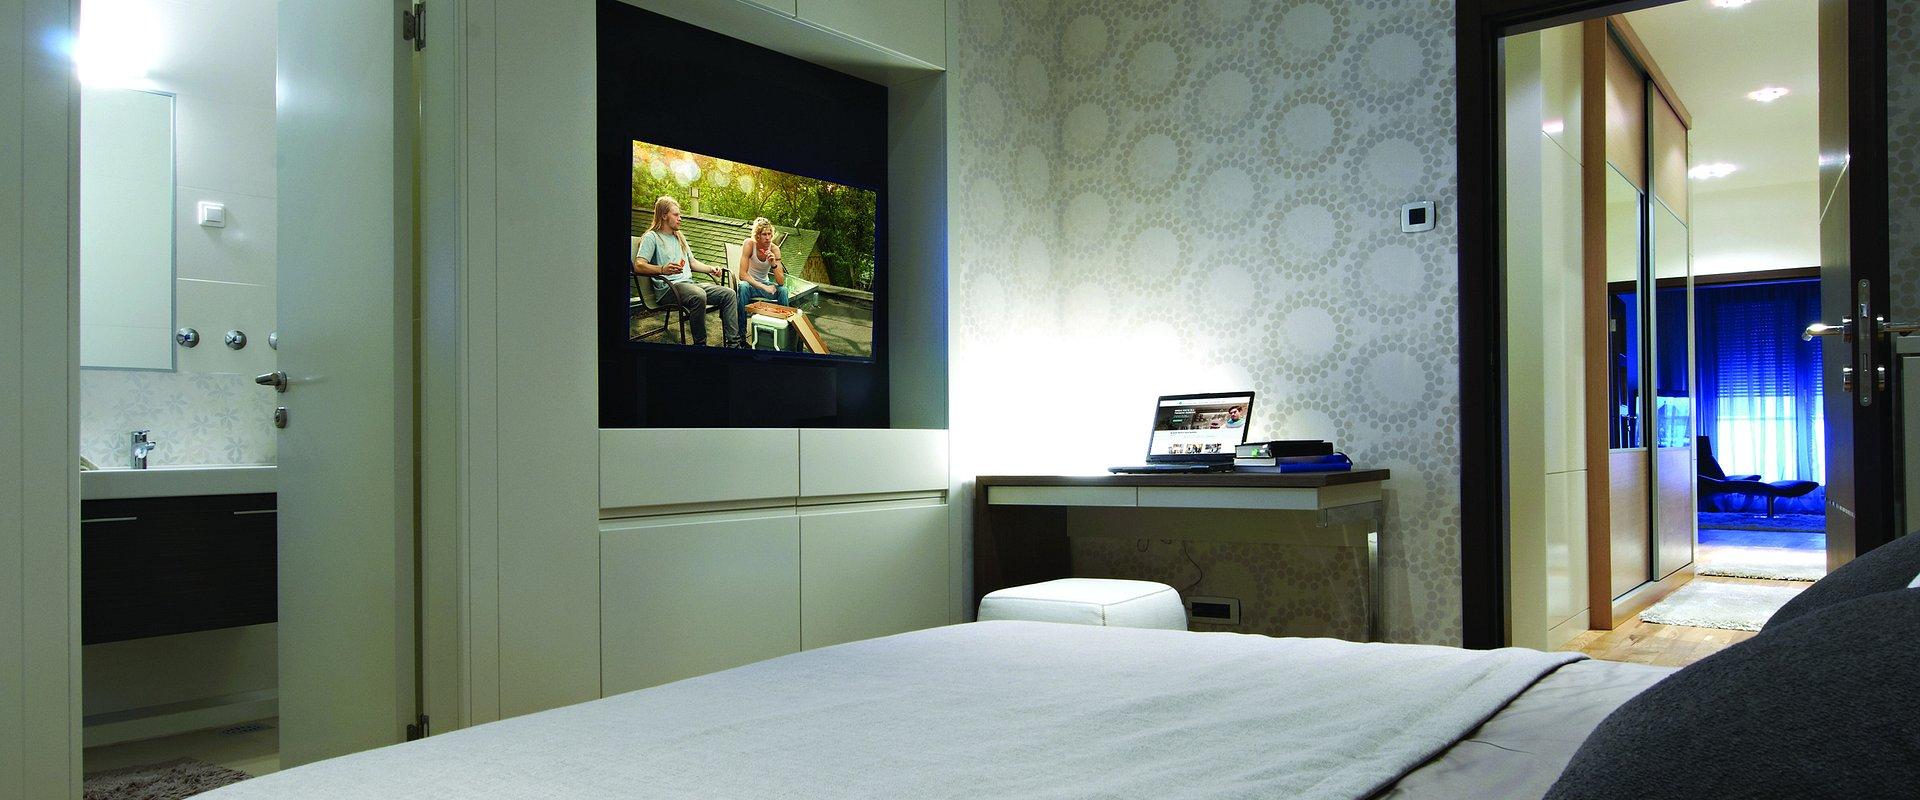 Kanały TV i prawa – jak zapewnić legalne treści w hotelu?